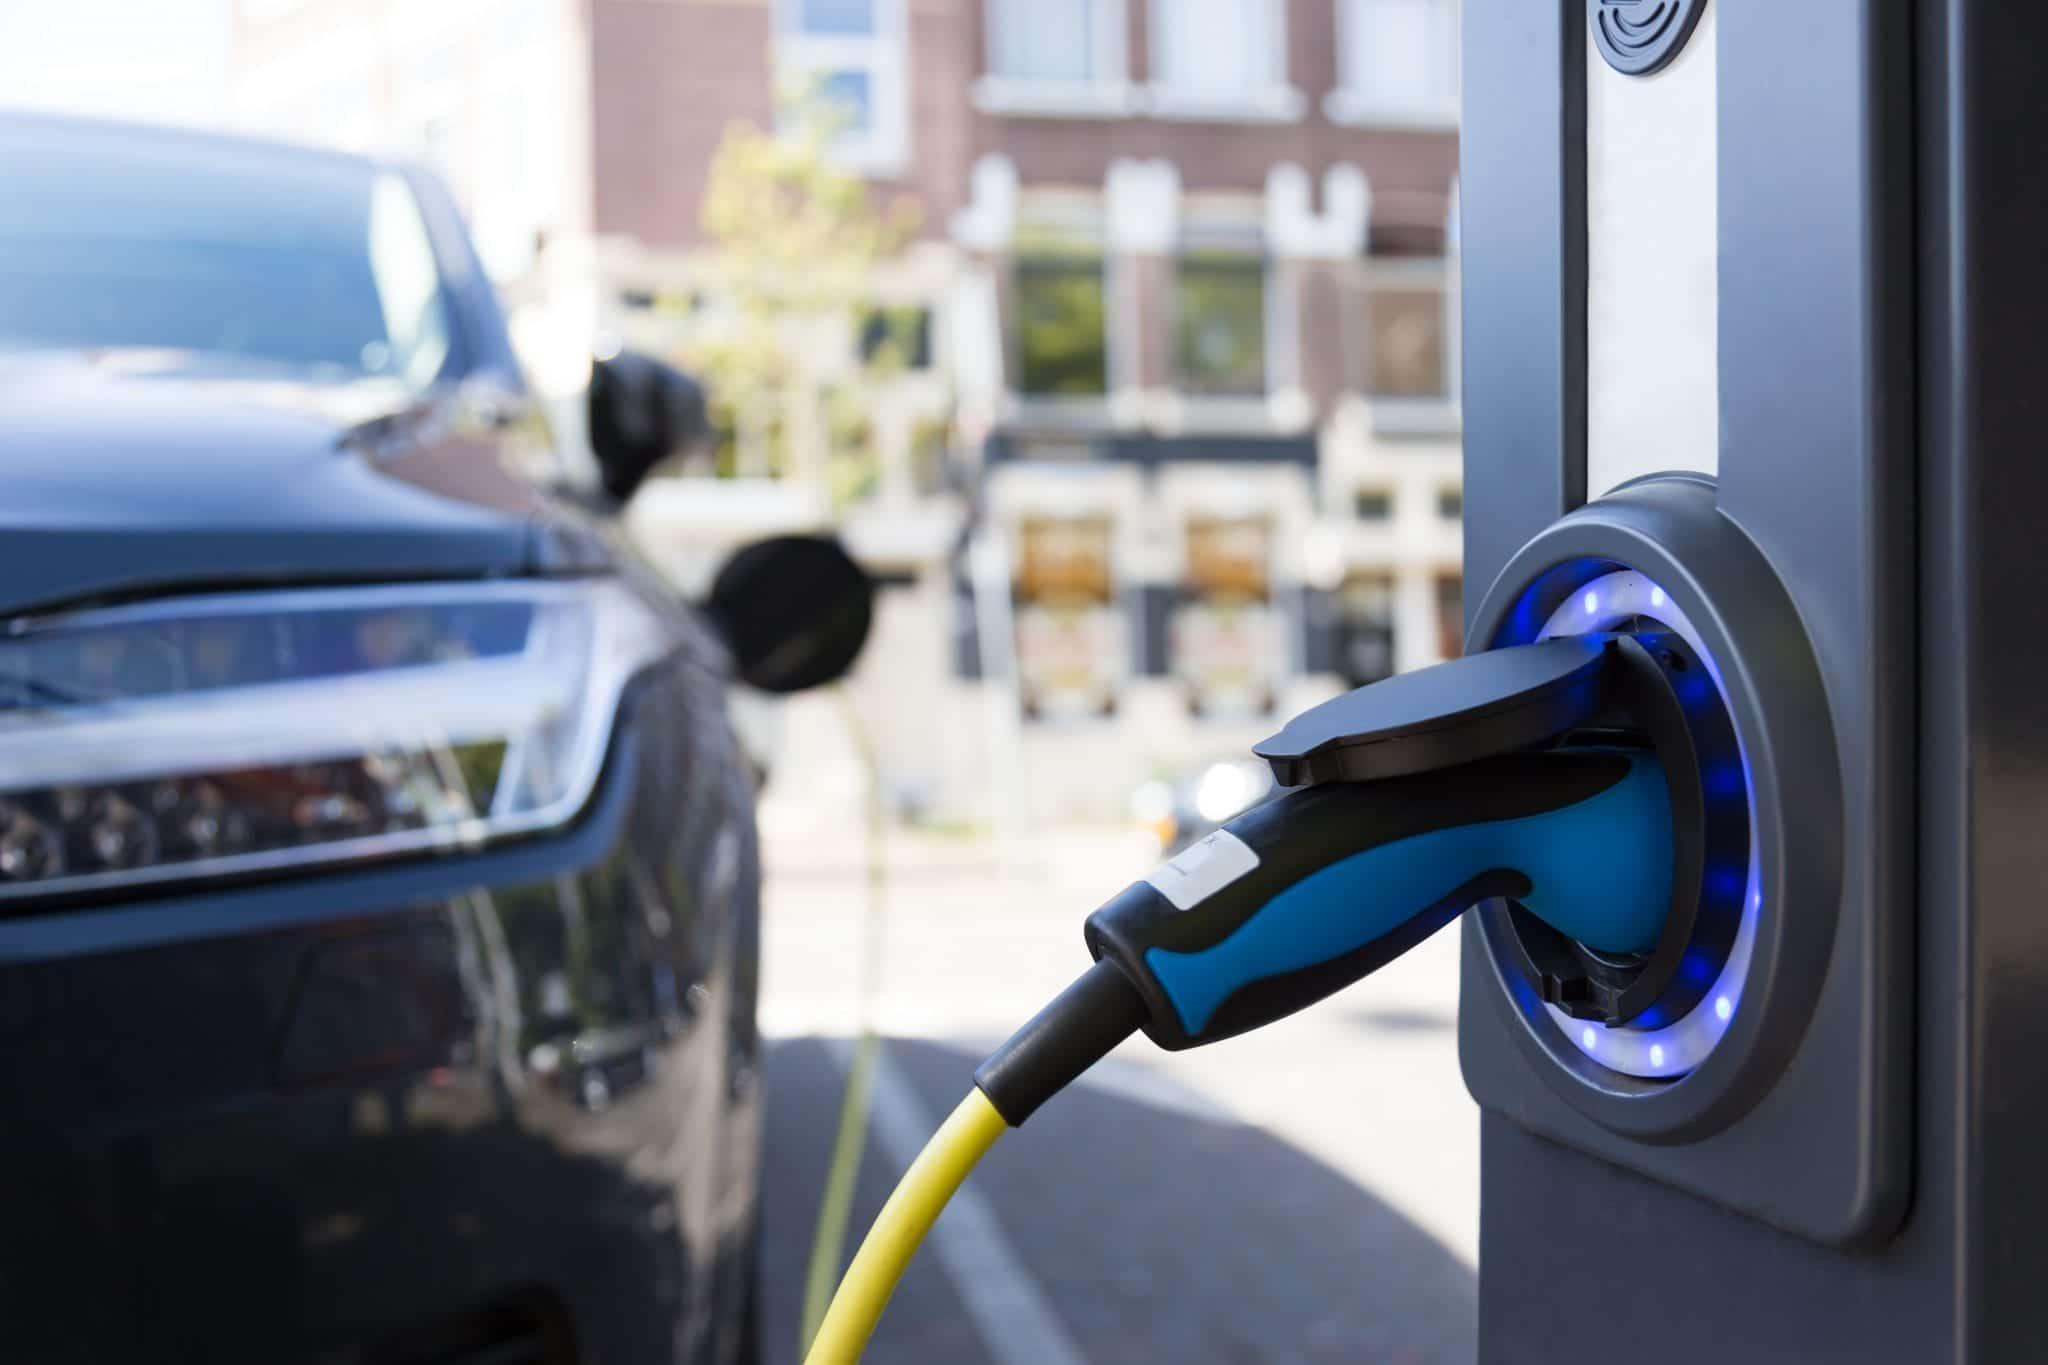 Lease een elektrische auto en maak optimaal gebruik van alle voordelen 1